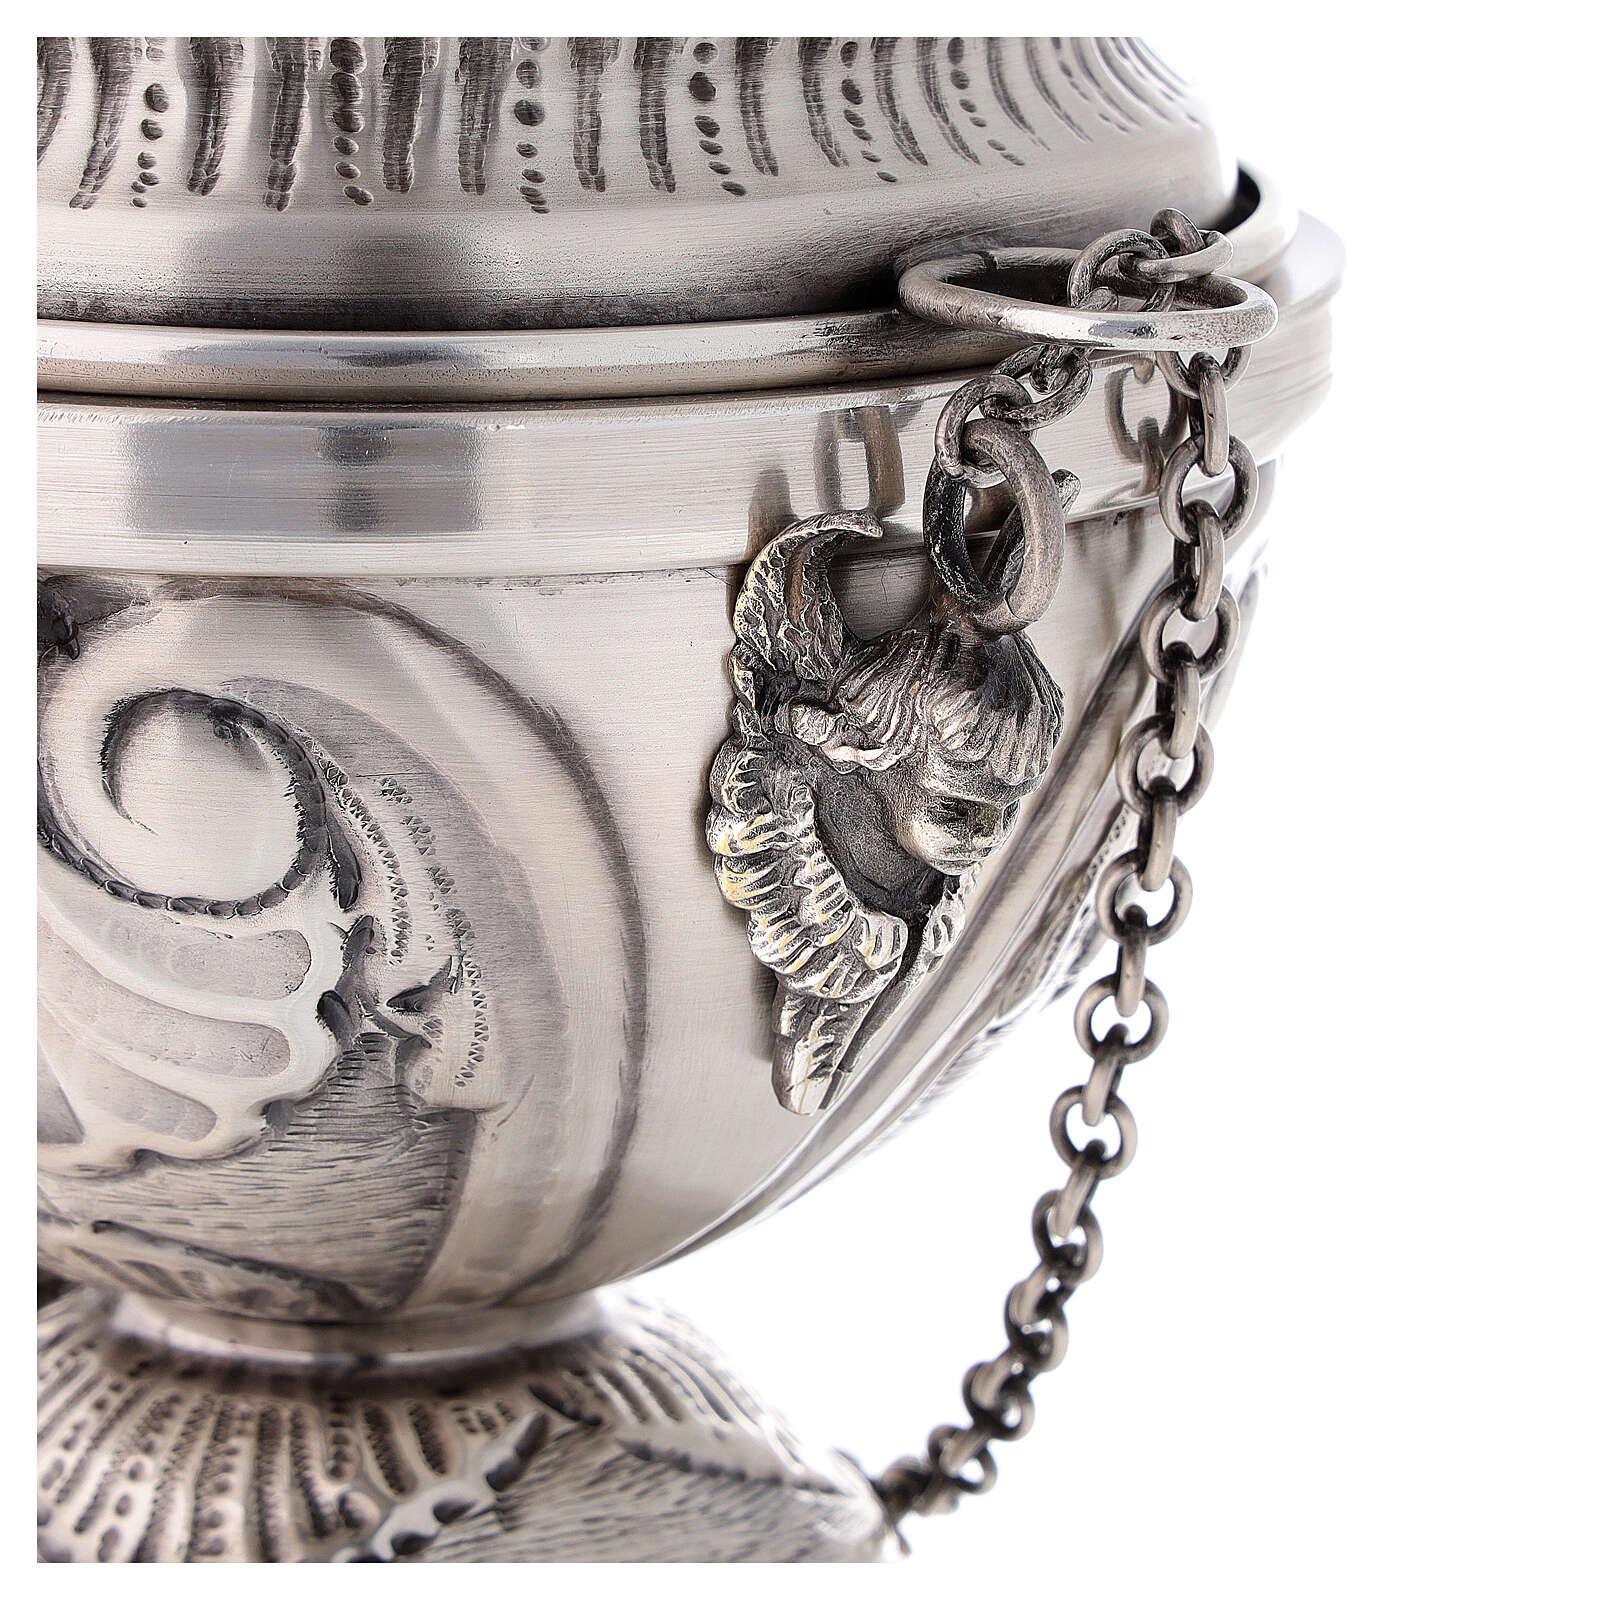 Turibolo e navicella cesellature e angioletti finitura argento 3